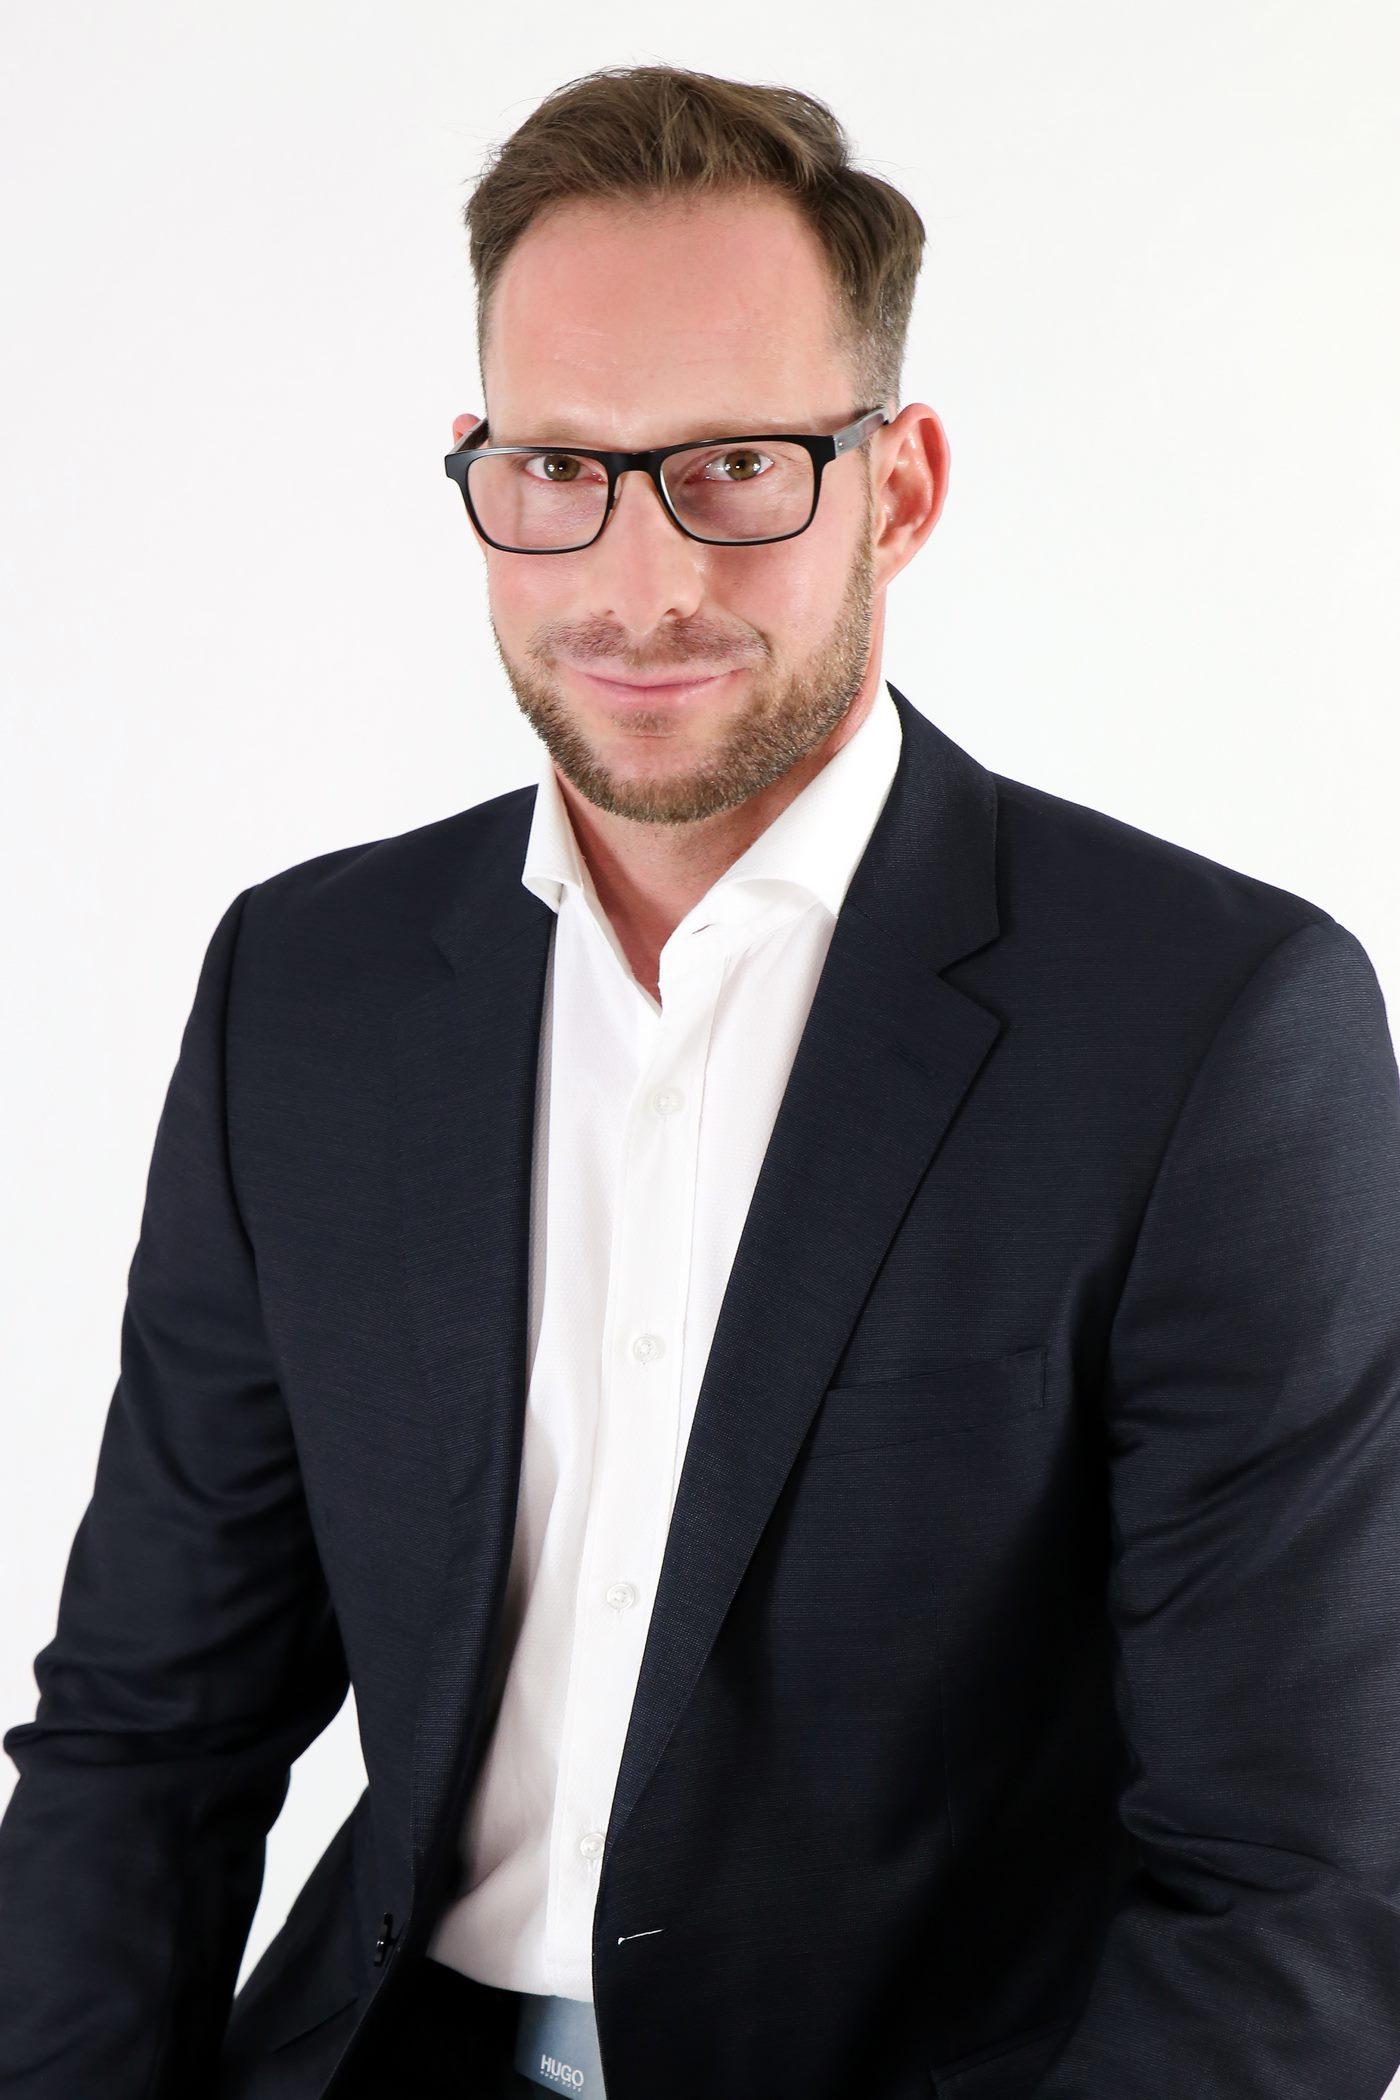 Bewerbungsfoto mit schwarzem Anzug vor einem weißem Hintergrund